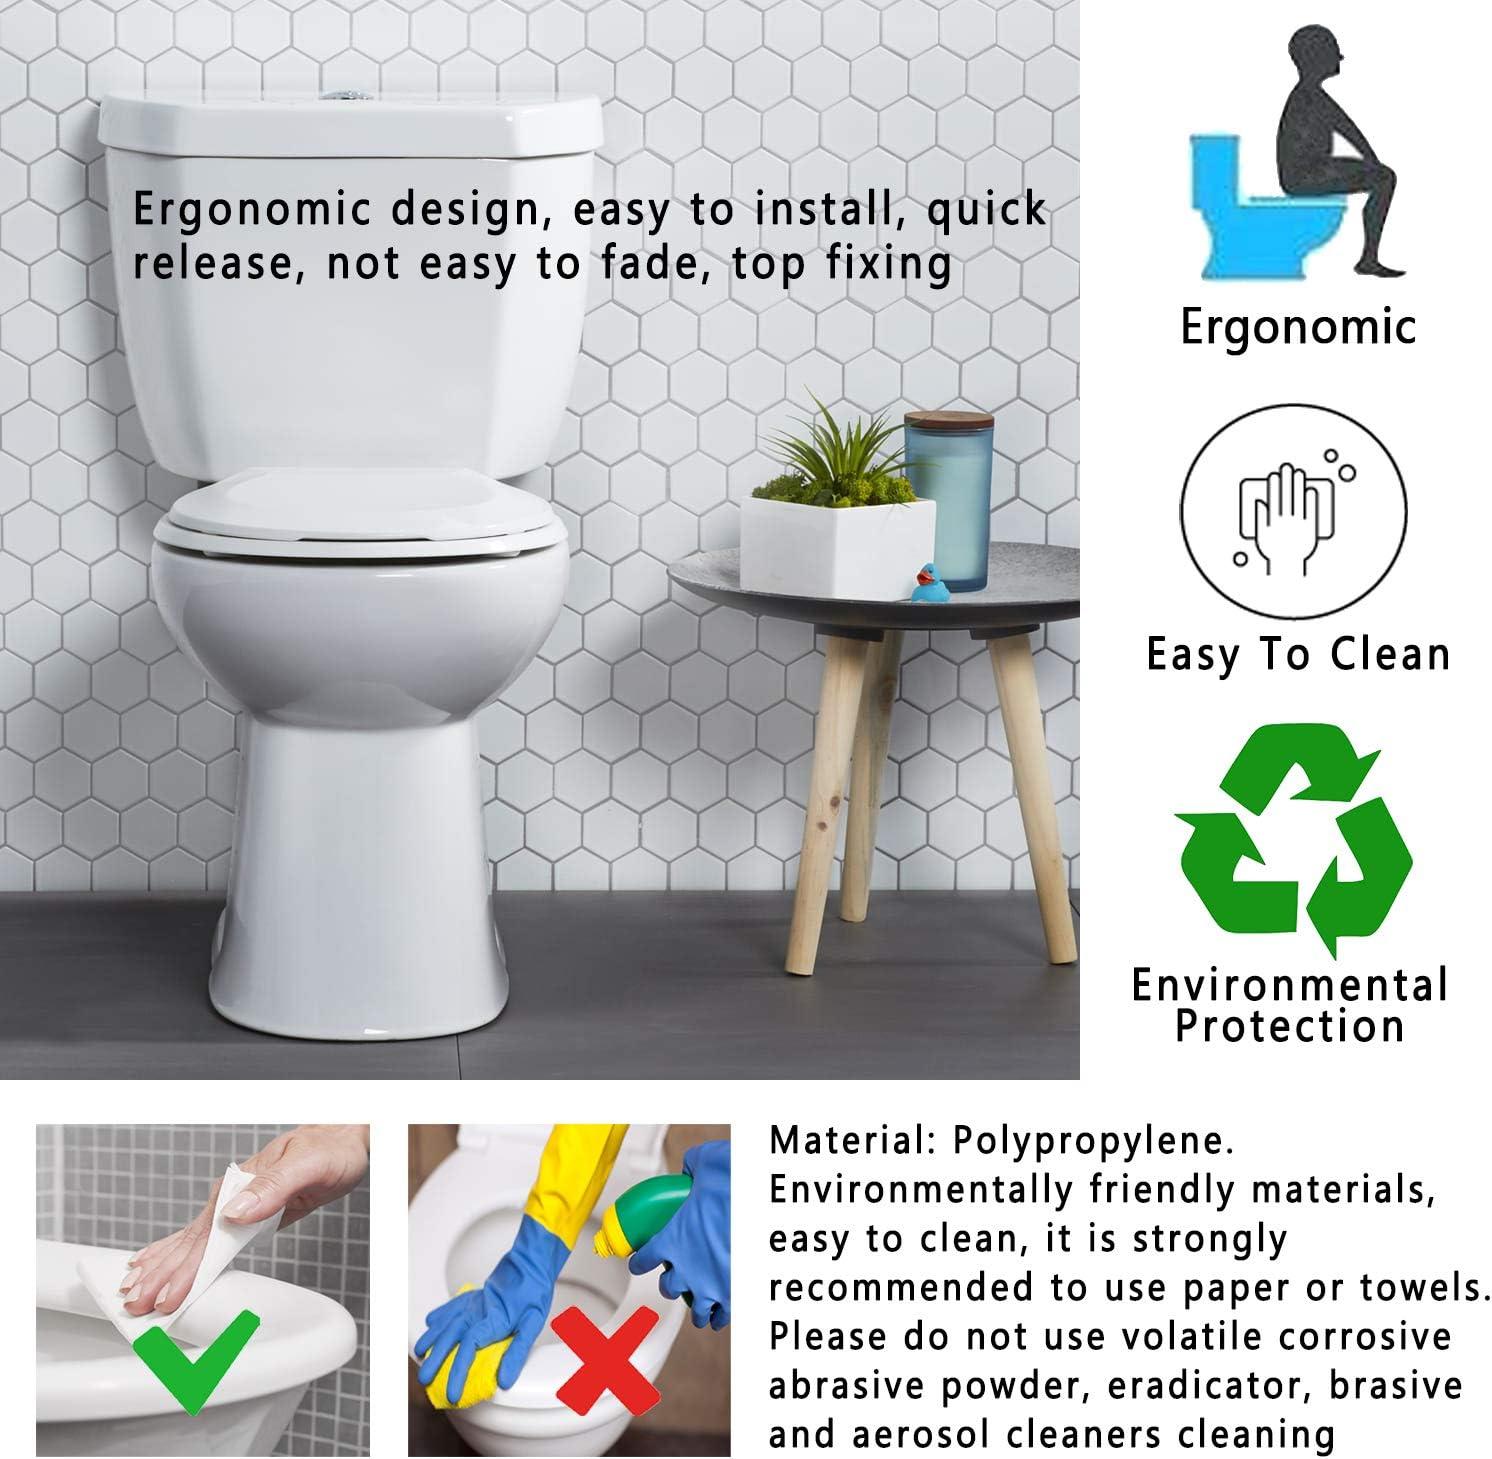 Sedile WC Antibatterico Soft Chiusura Rallentata Facile Sgancio Rapido Cerniera Regolabile Coperchio del Coperchio del WC a Forma di U Standard per WC Accessori per Bagno di Famiglia